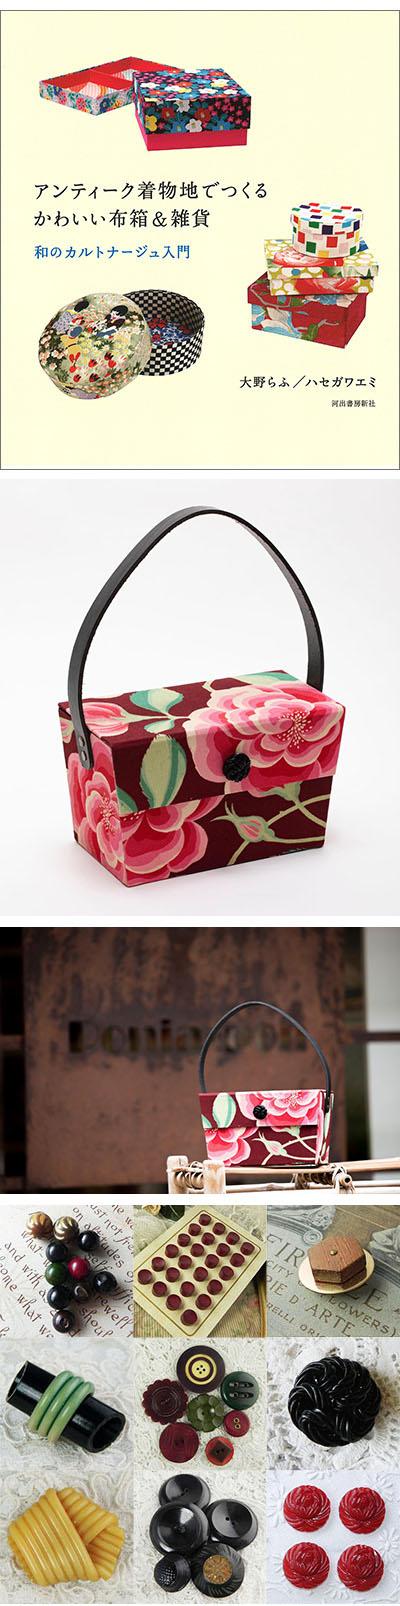 アンティーク着物地でつくるかわいい布箱&雑貨